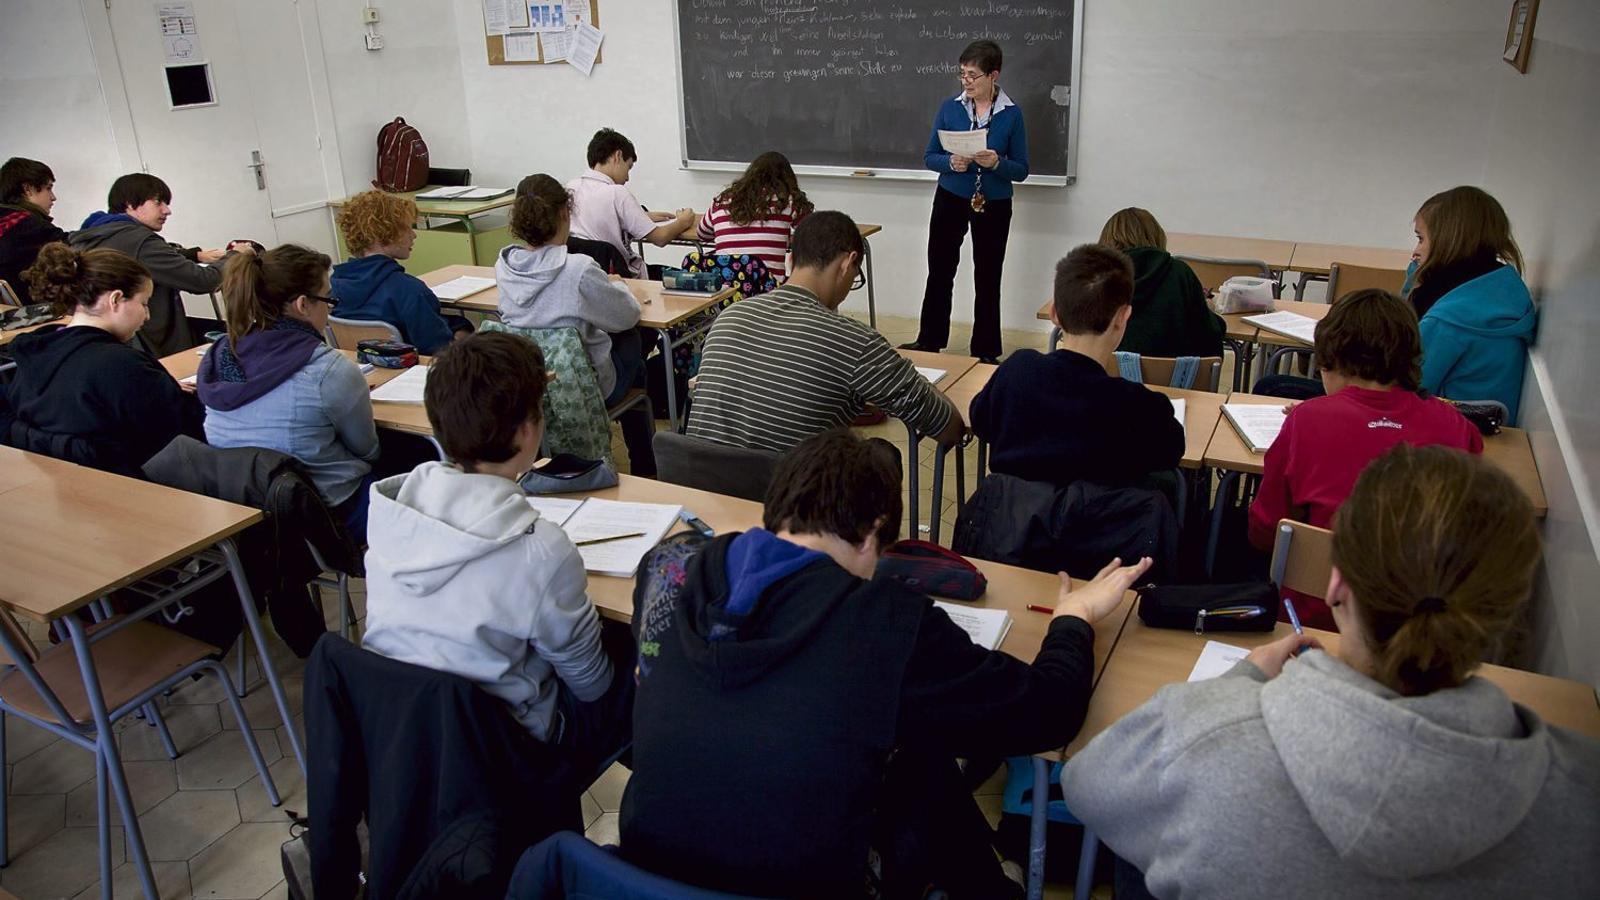 La nova llei d'educació espanyola avala els decrets que han revoltat la concertada a Catalunya